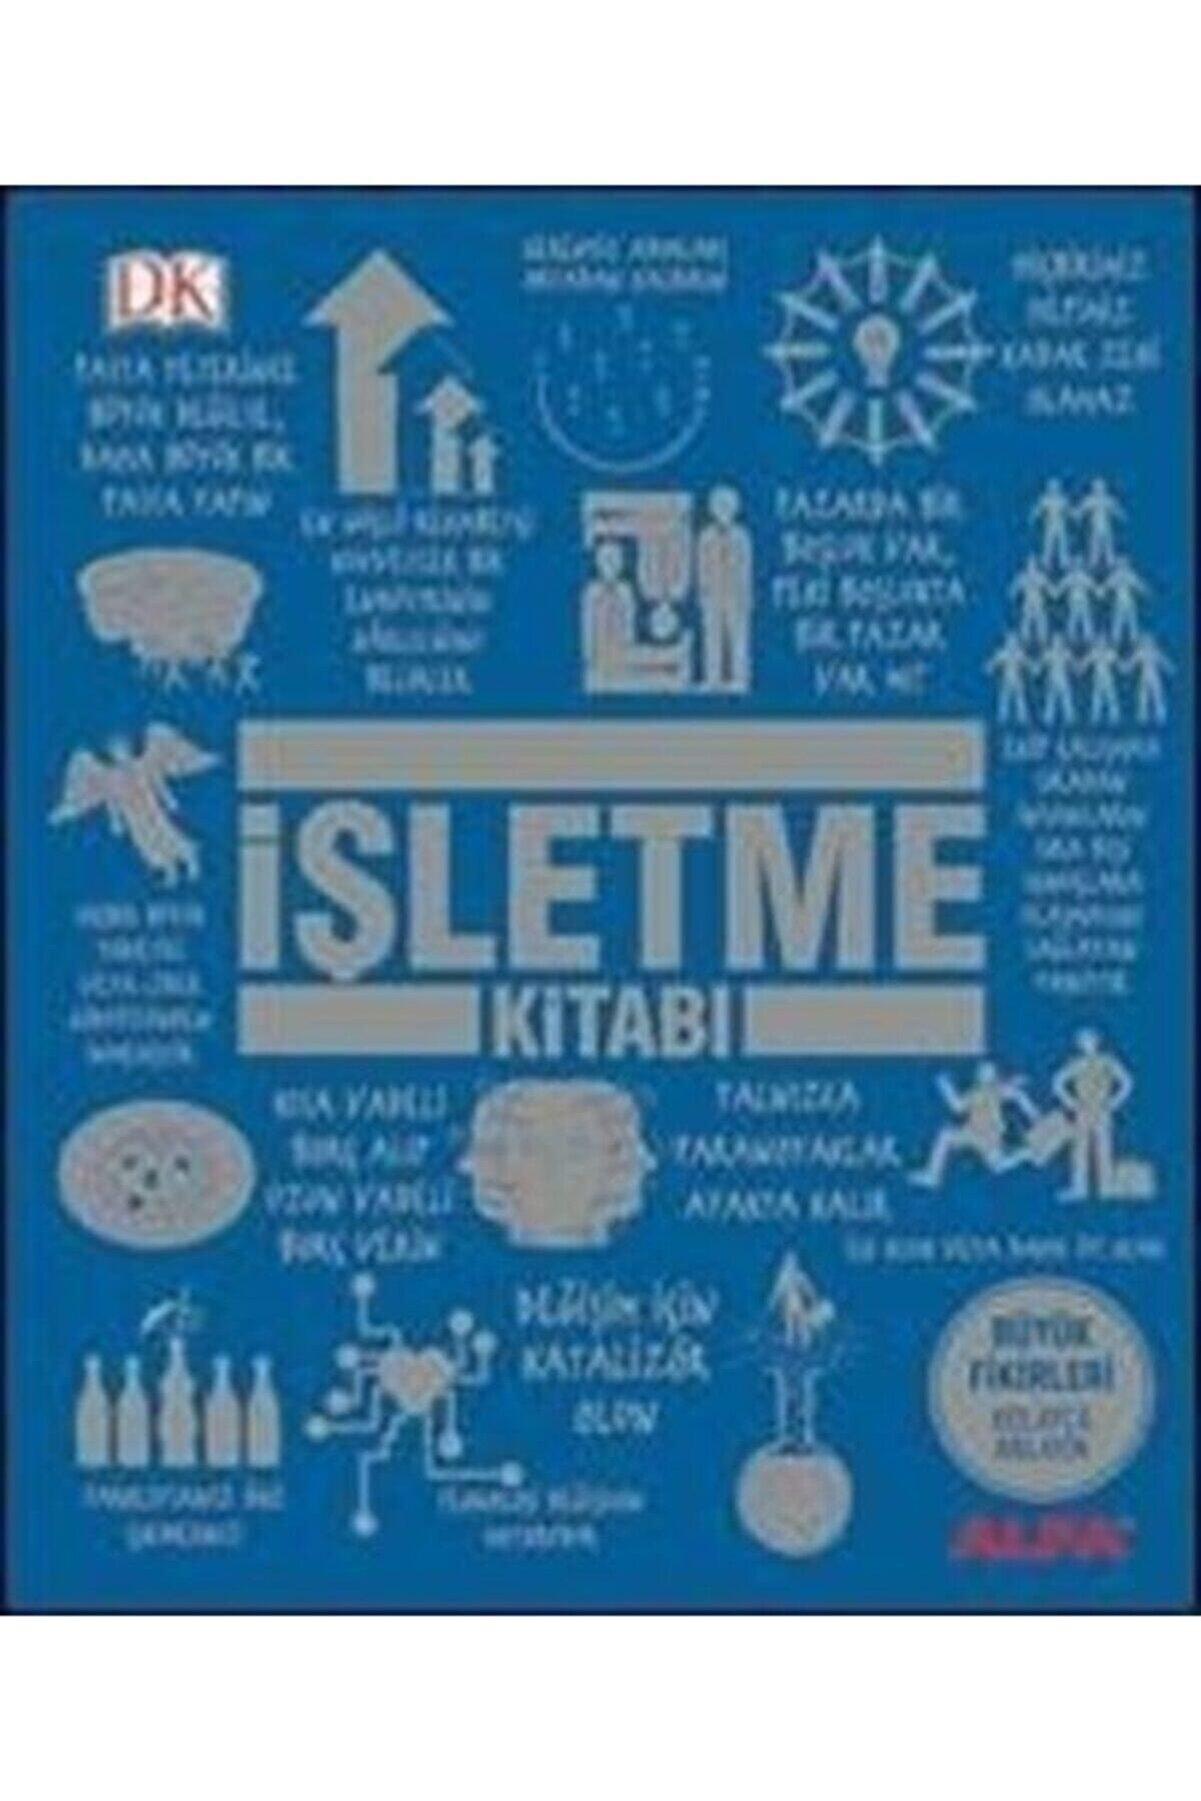 Alfa Yayınları Işletme Kitabı -Tufan Göbekçin